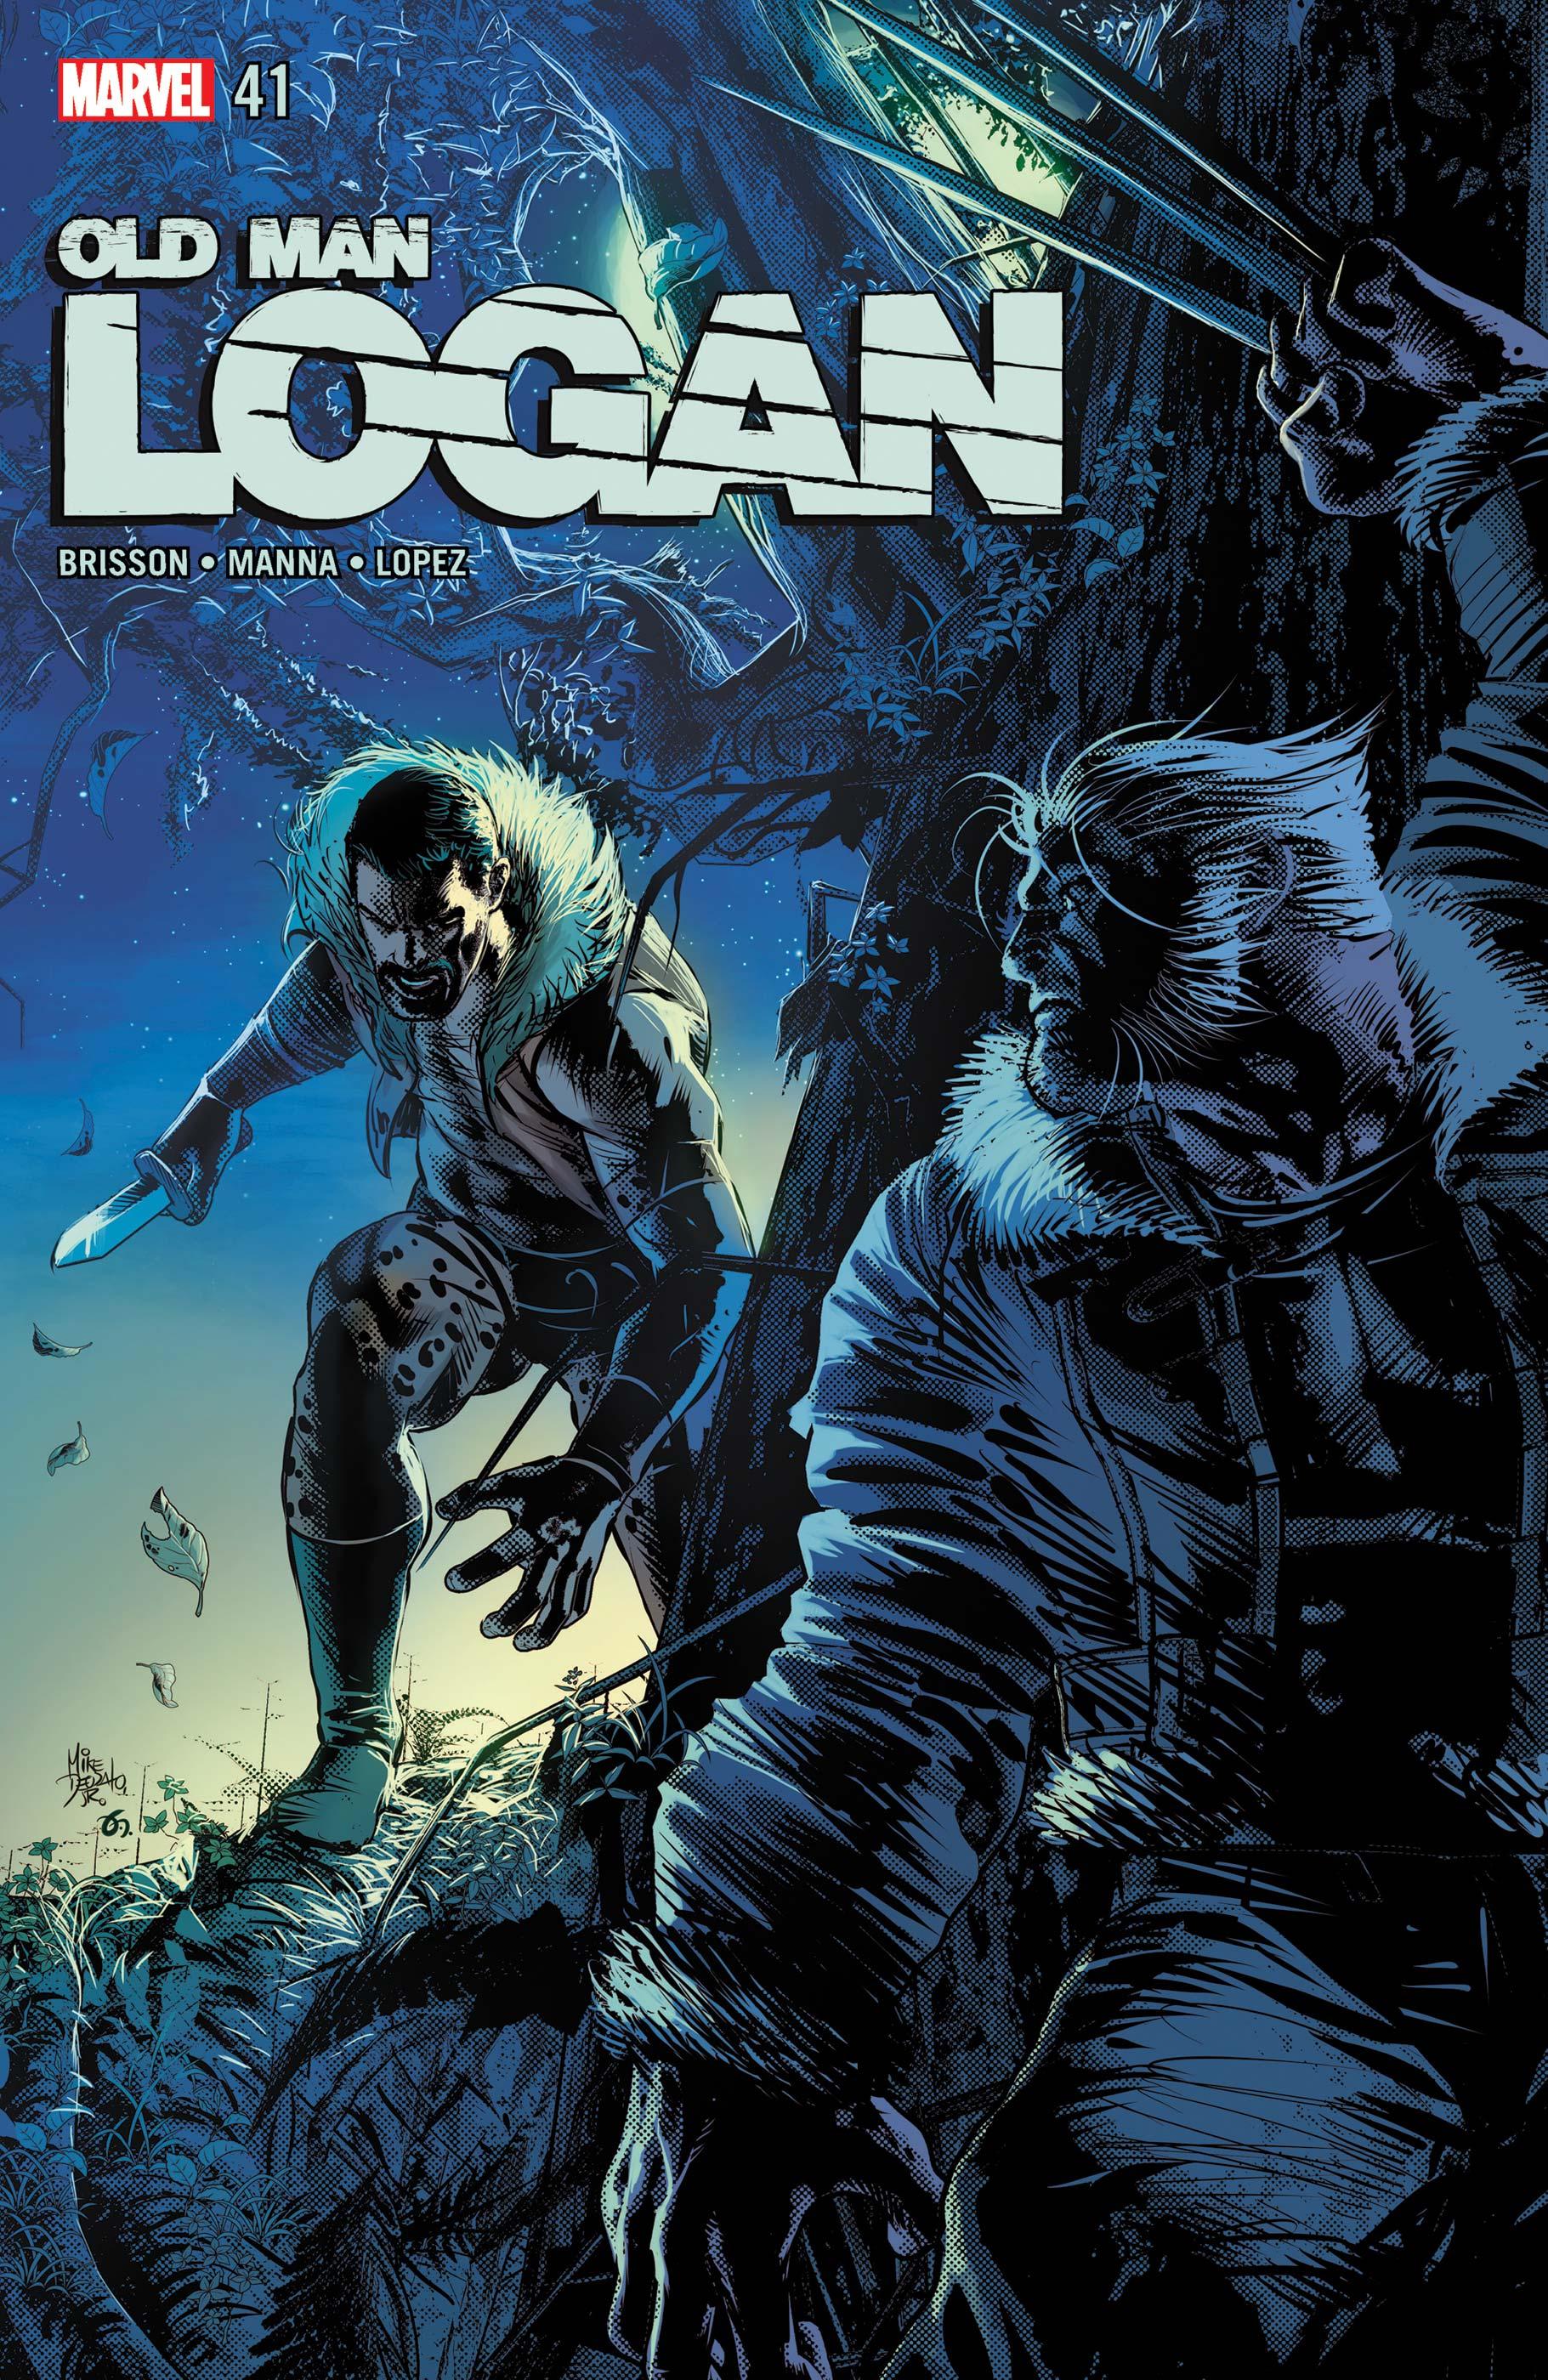 Old Man Logan (2016) #41